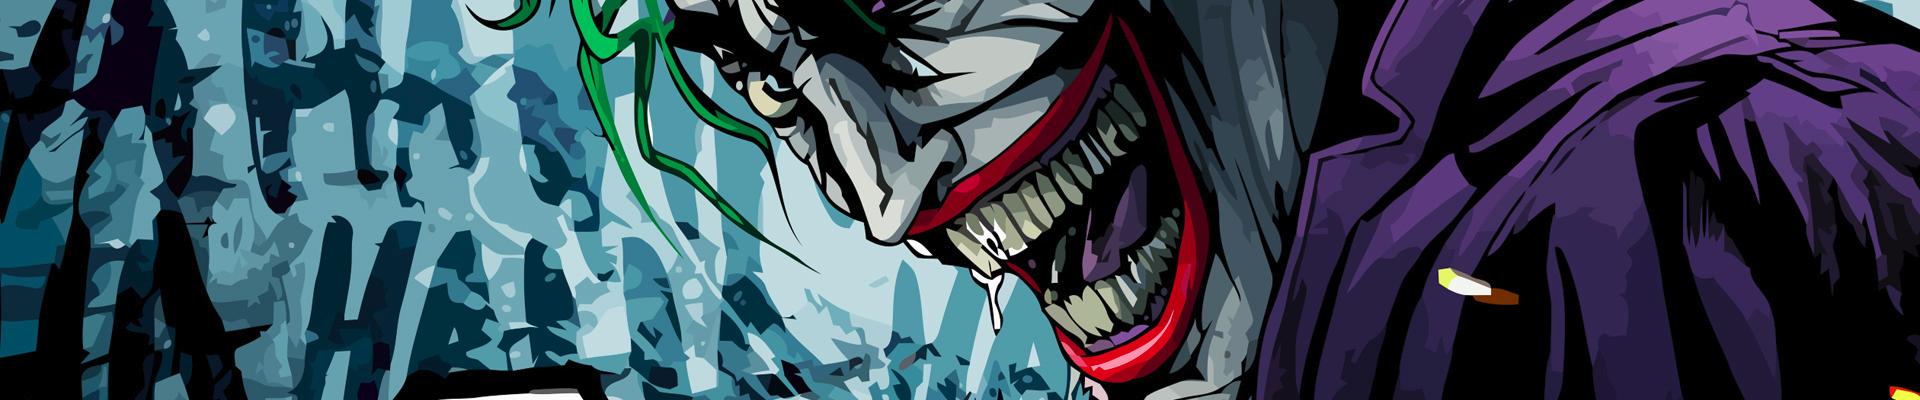 Комиксы. Простой сосед Мститель и самый крутой бомж - Изображение 1